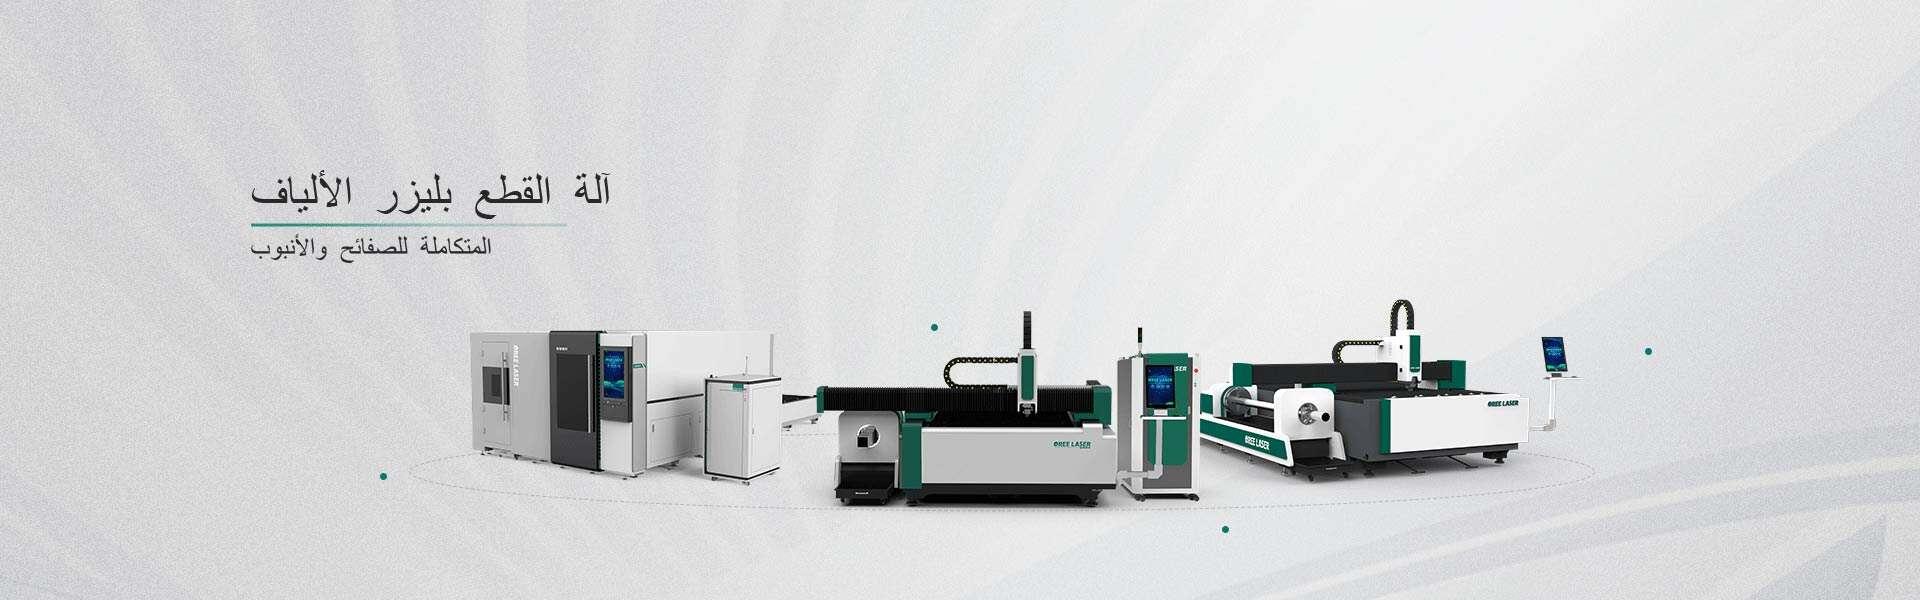 آلة قطع ألياف الليزر ذات الاستخدام المزدوج للصفائح والأنبوب